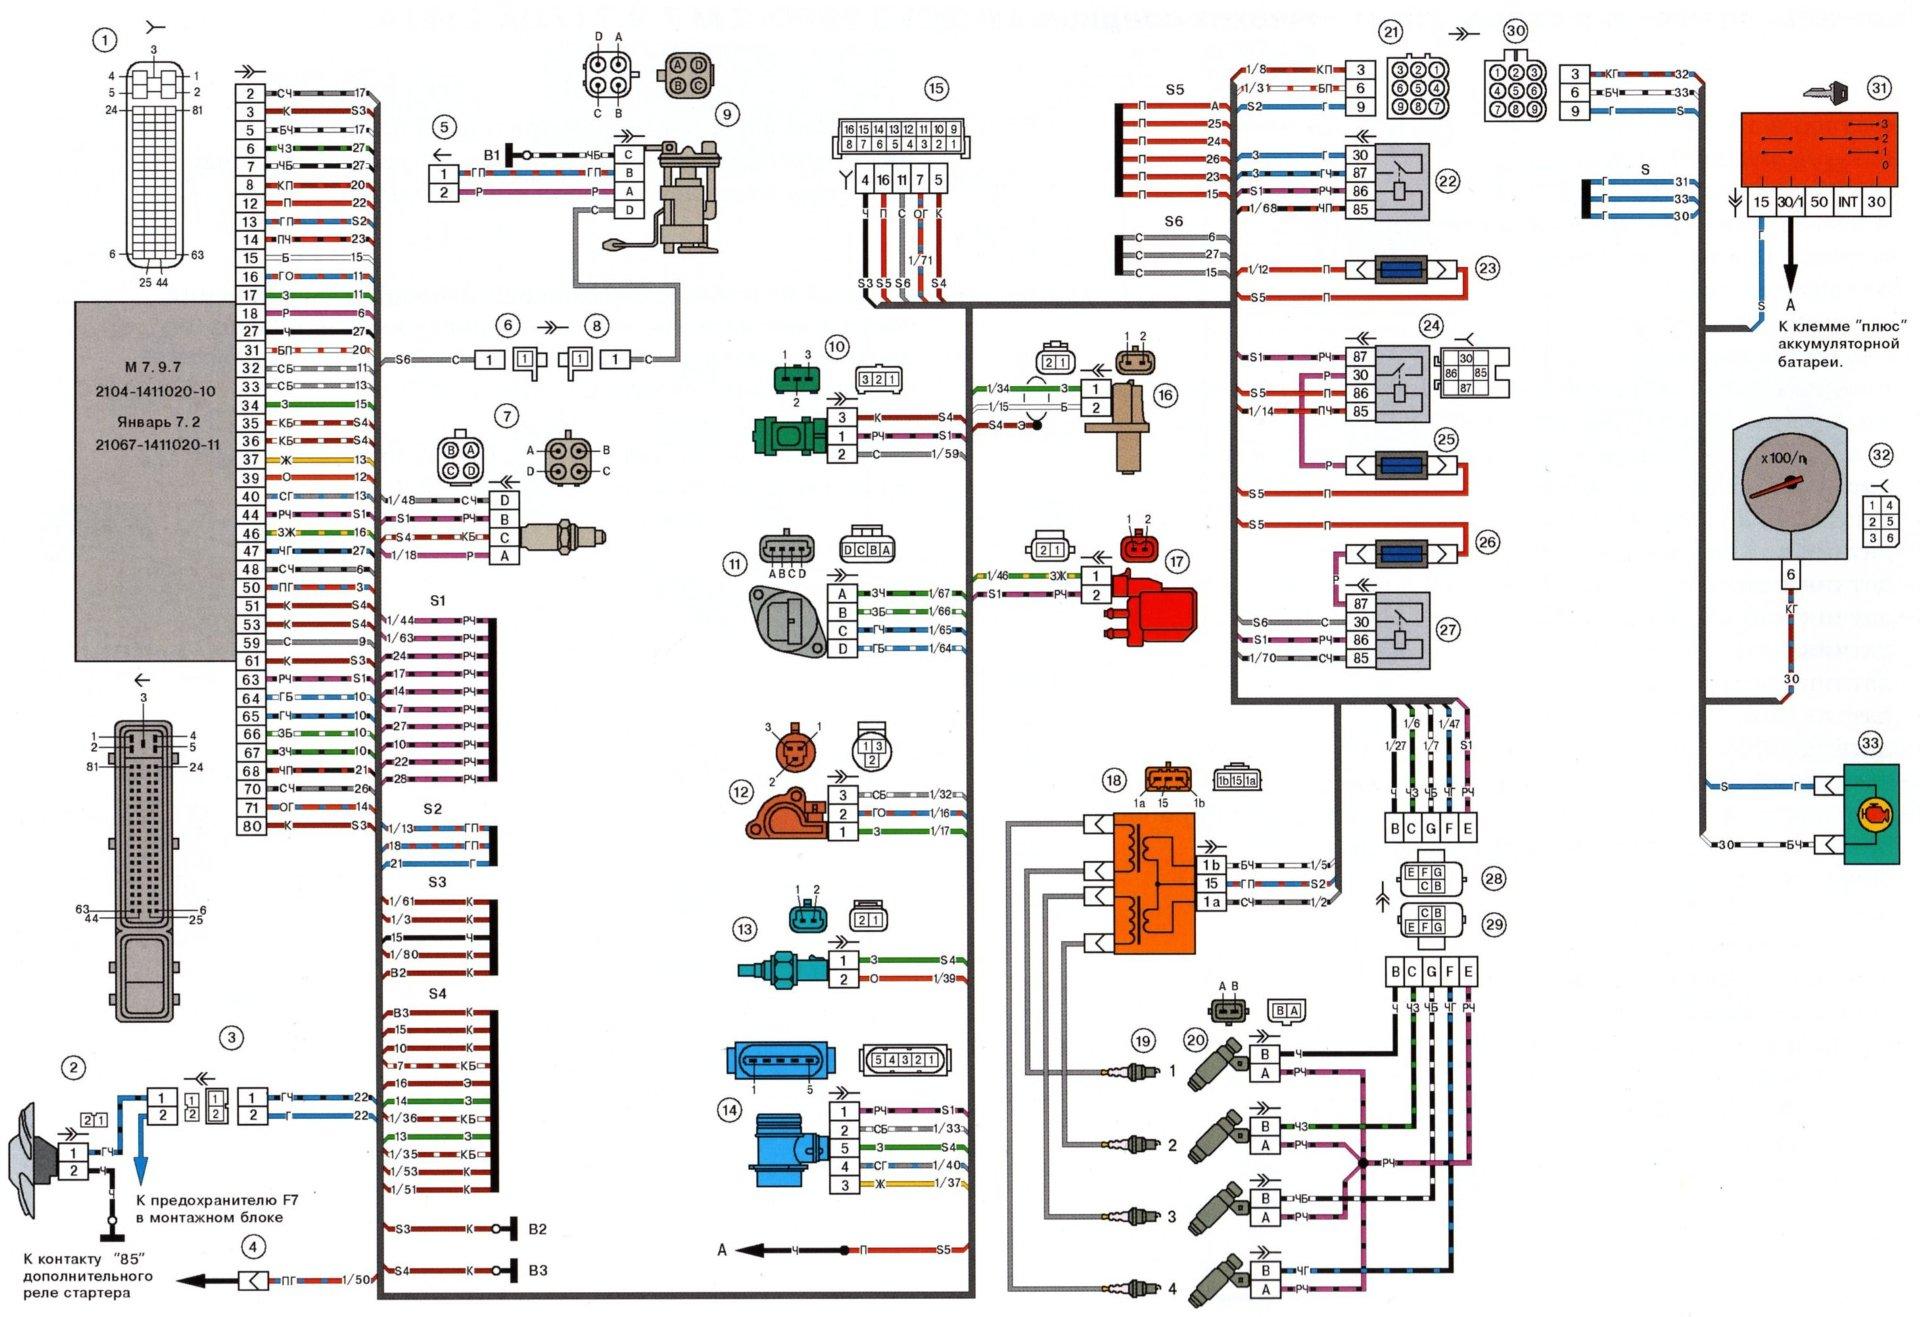 книга по технической эксплуатации автомобиля toyota corolla двигатель 2-e